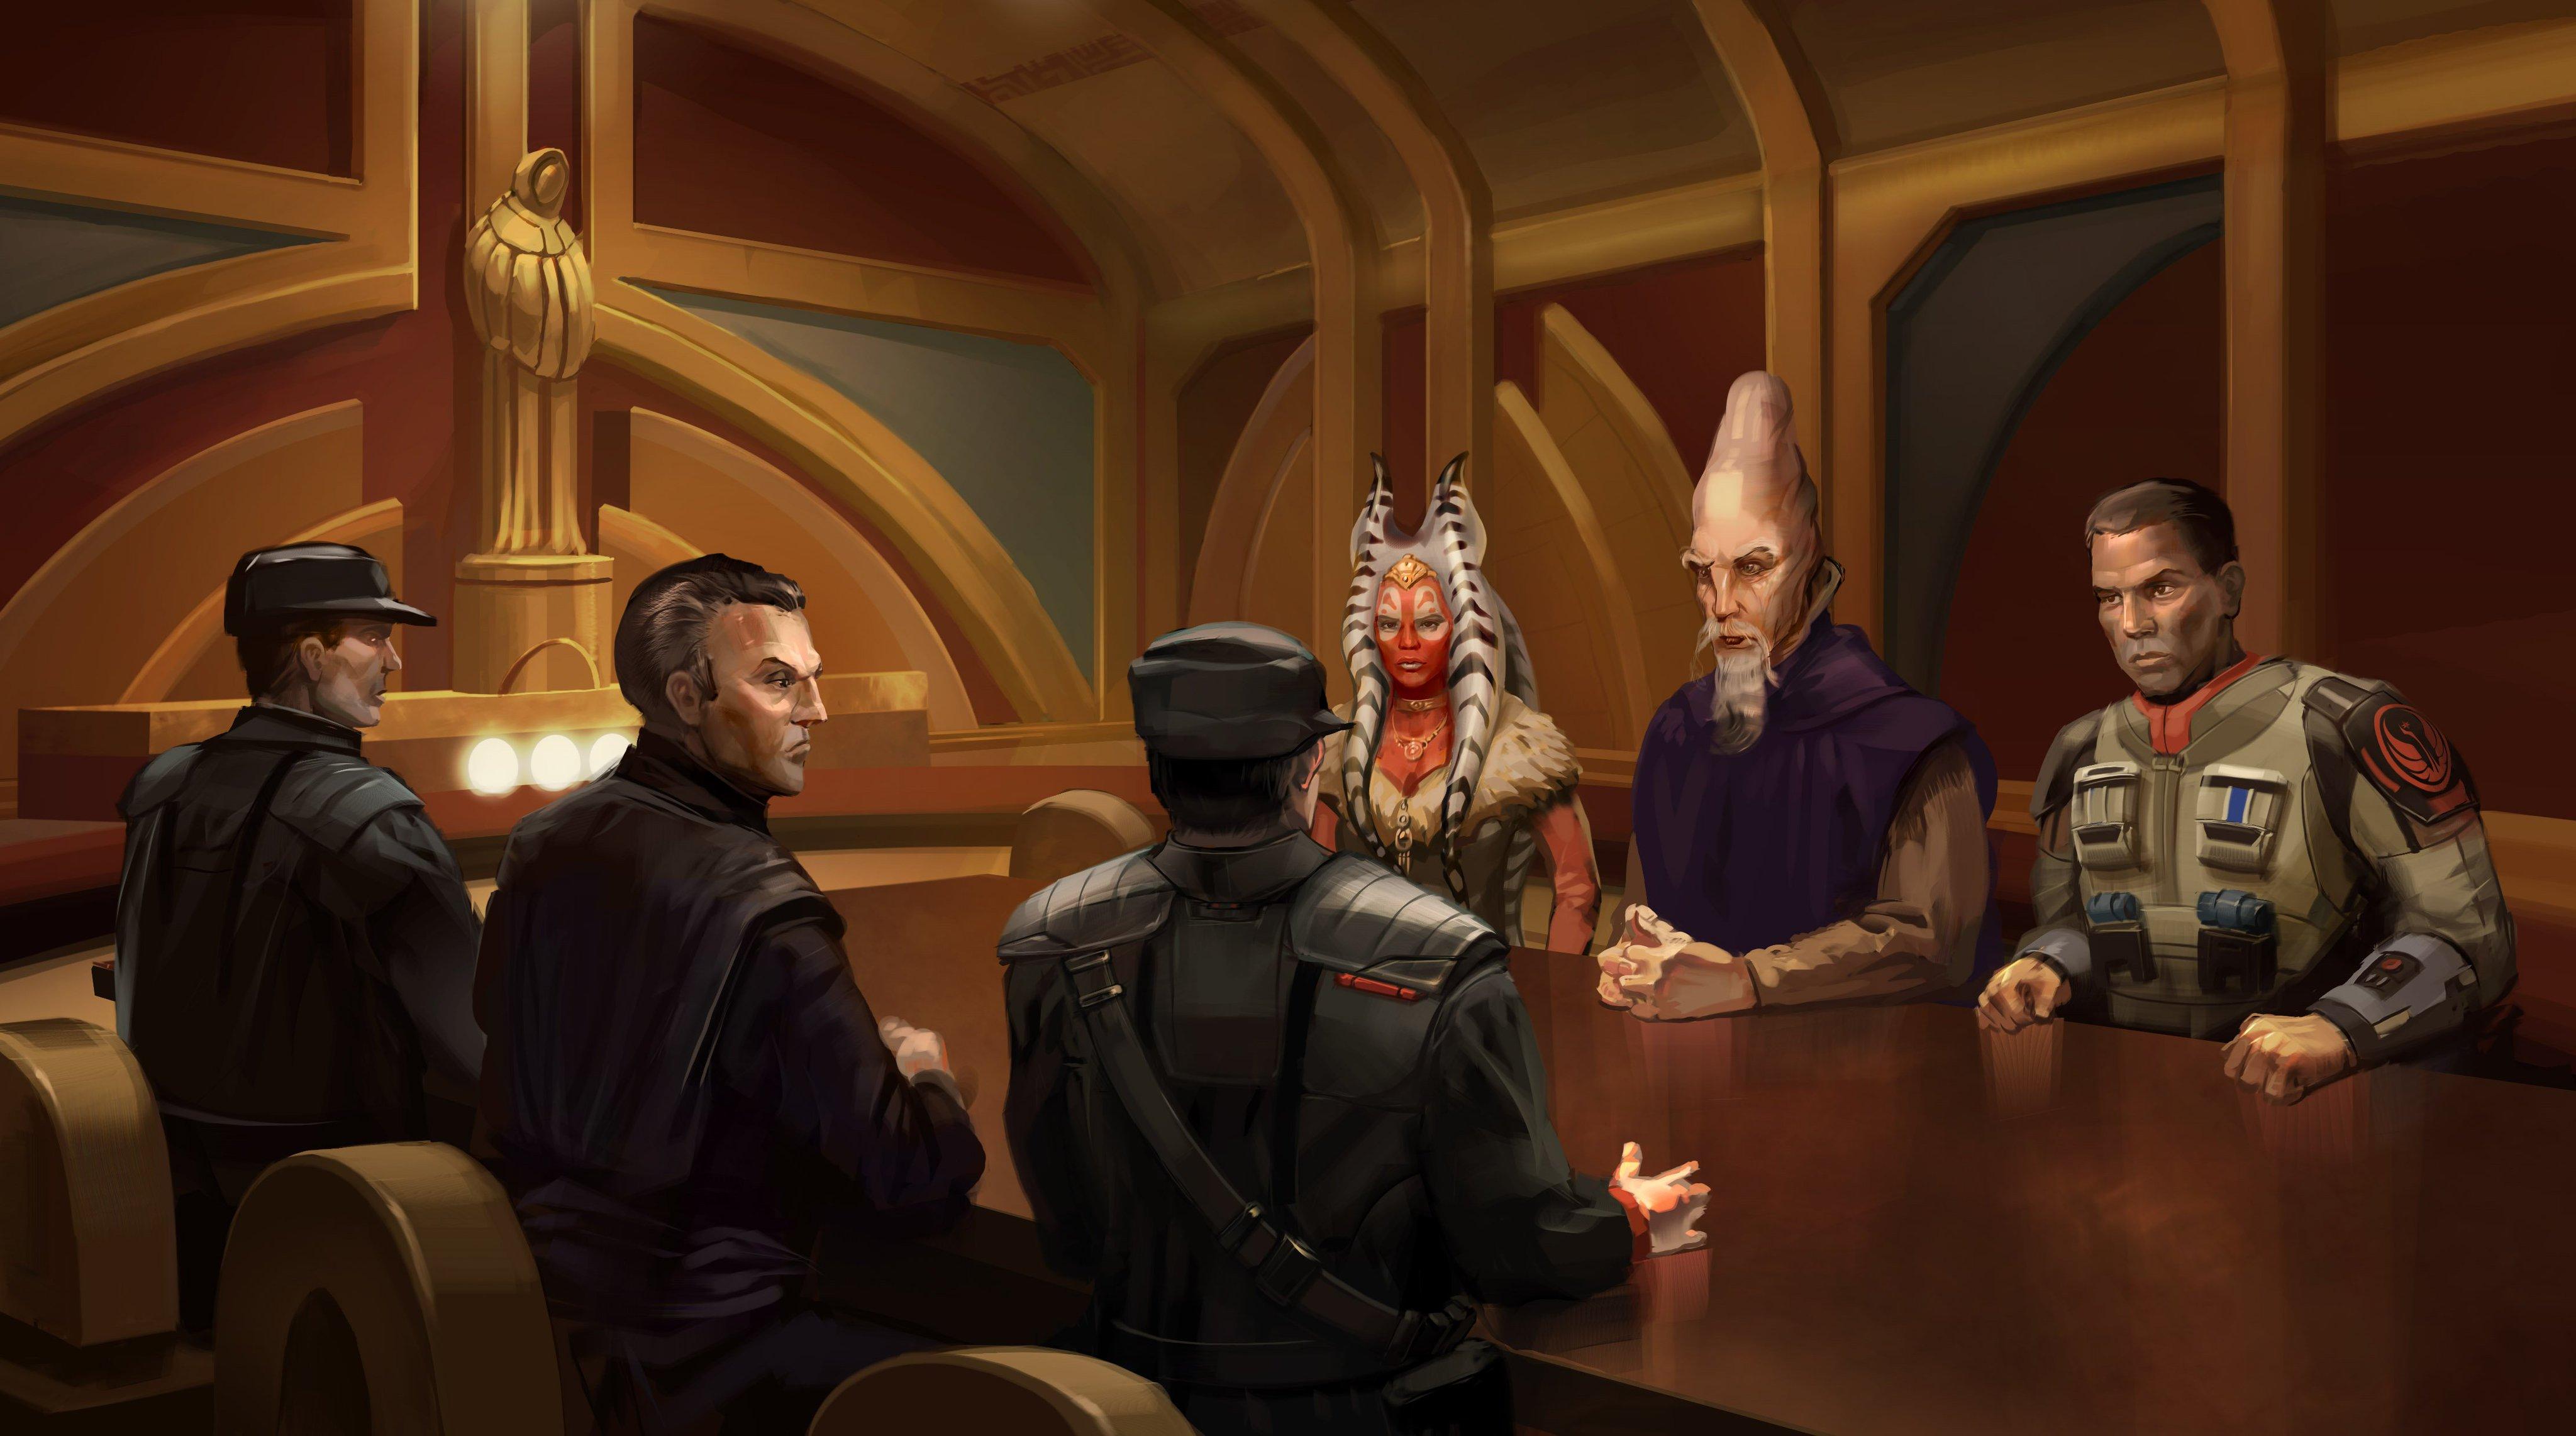 Alderaan peace conference